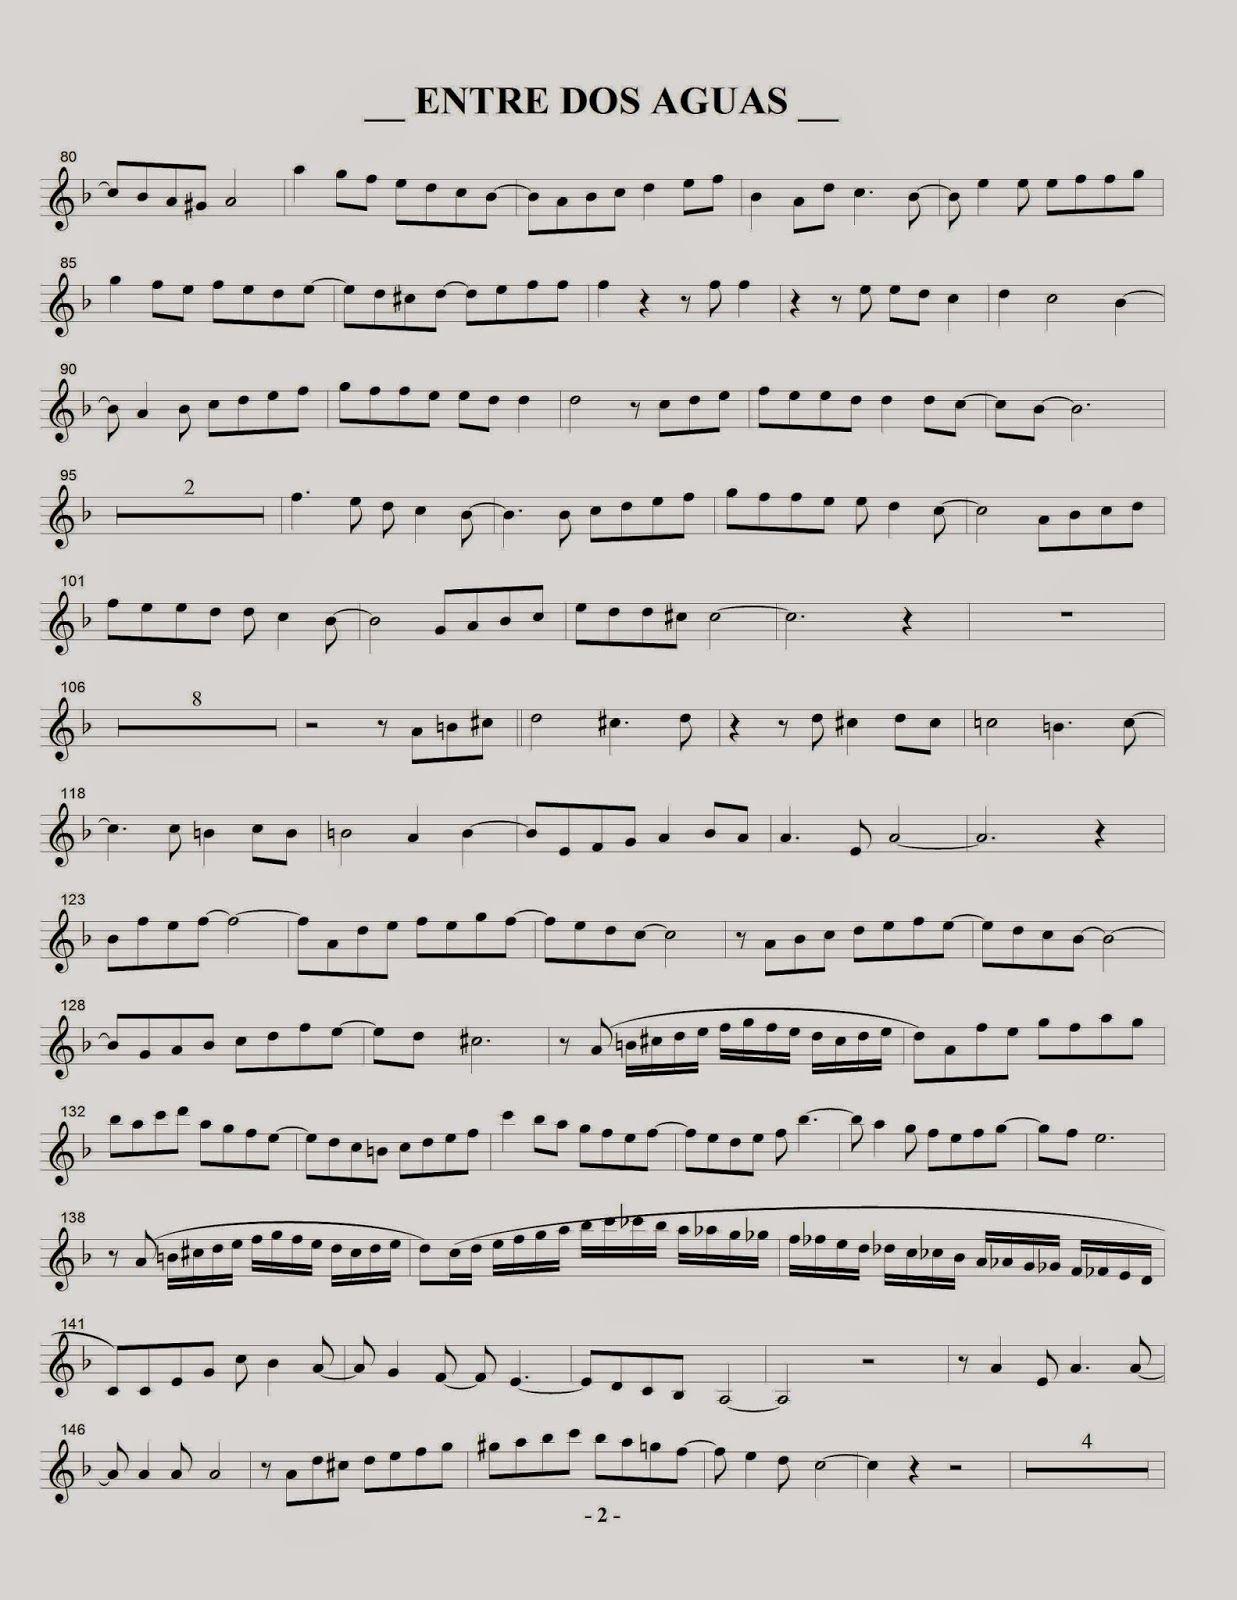 Paco Vargas Saxofonista Entre Dos Aguas Francisco Vargas Partituras Melodías